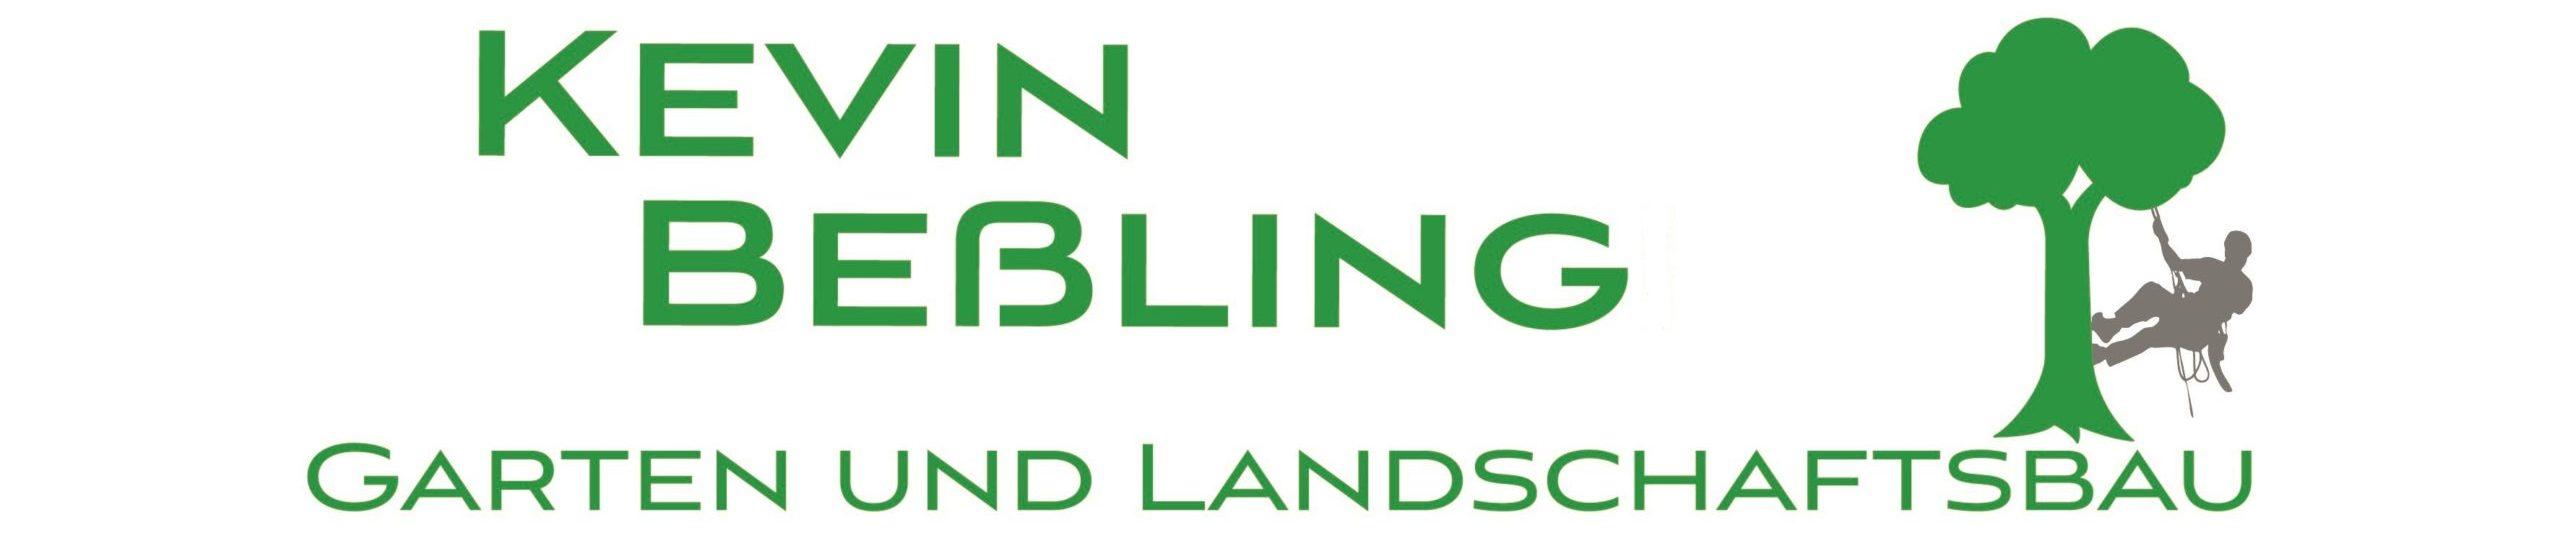 Bessling – Garten und Landschaftsbau